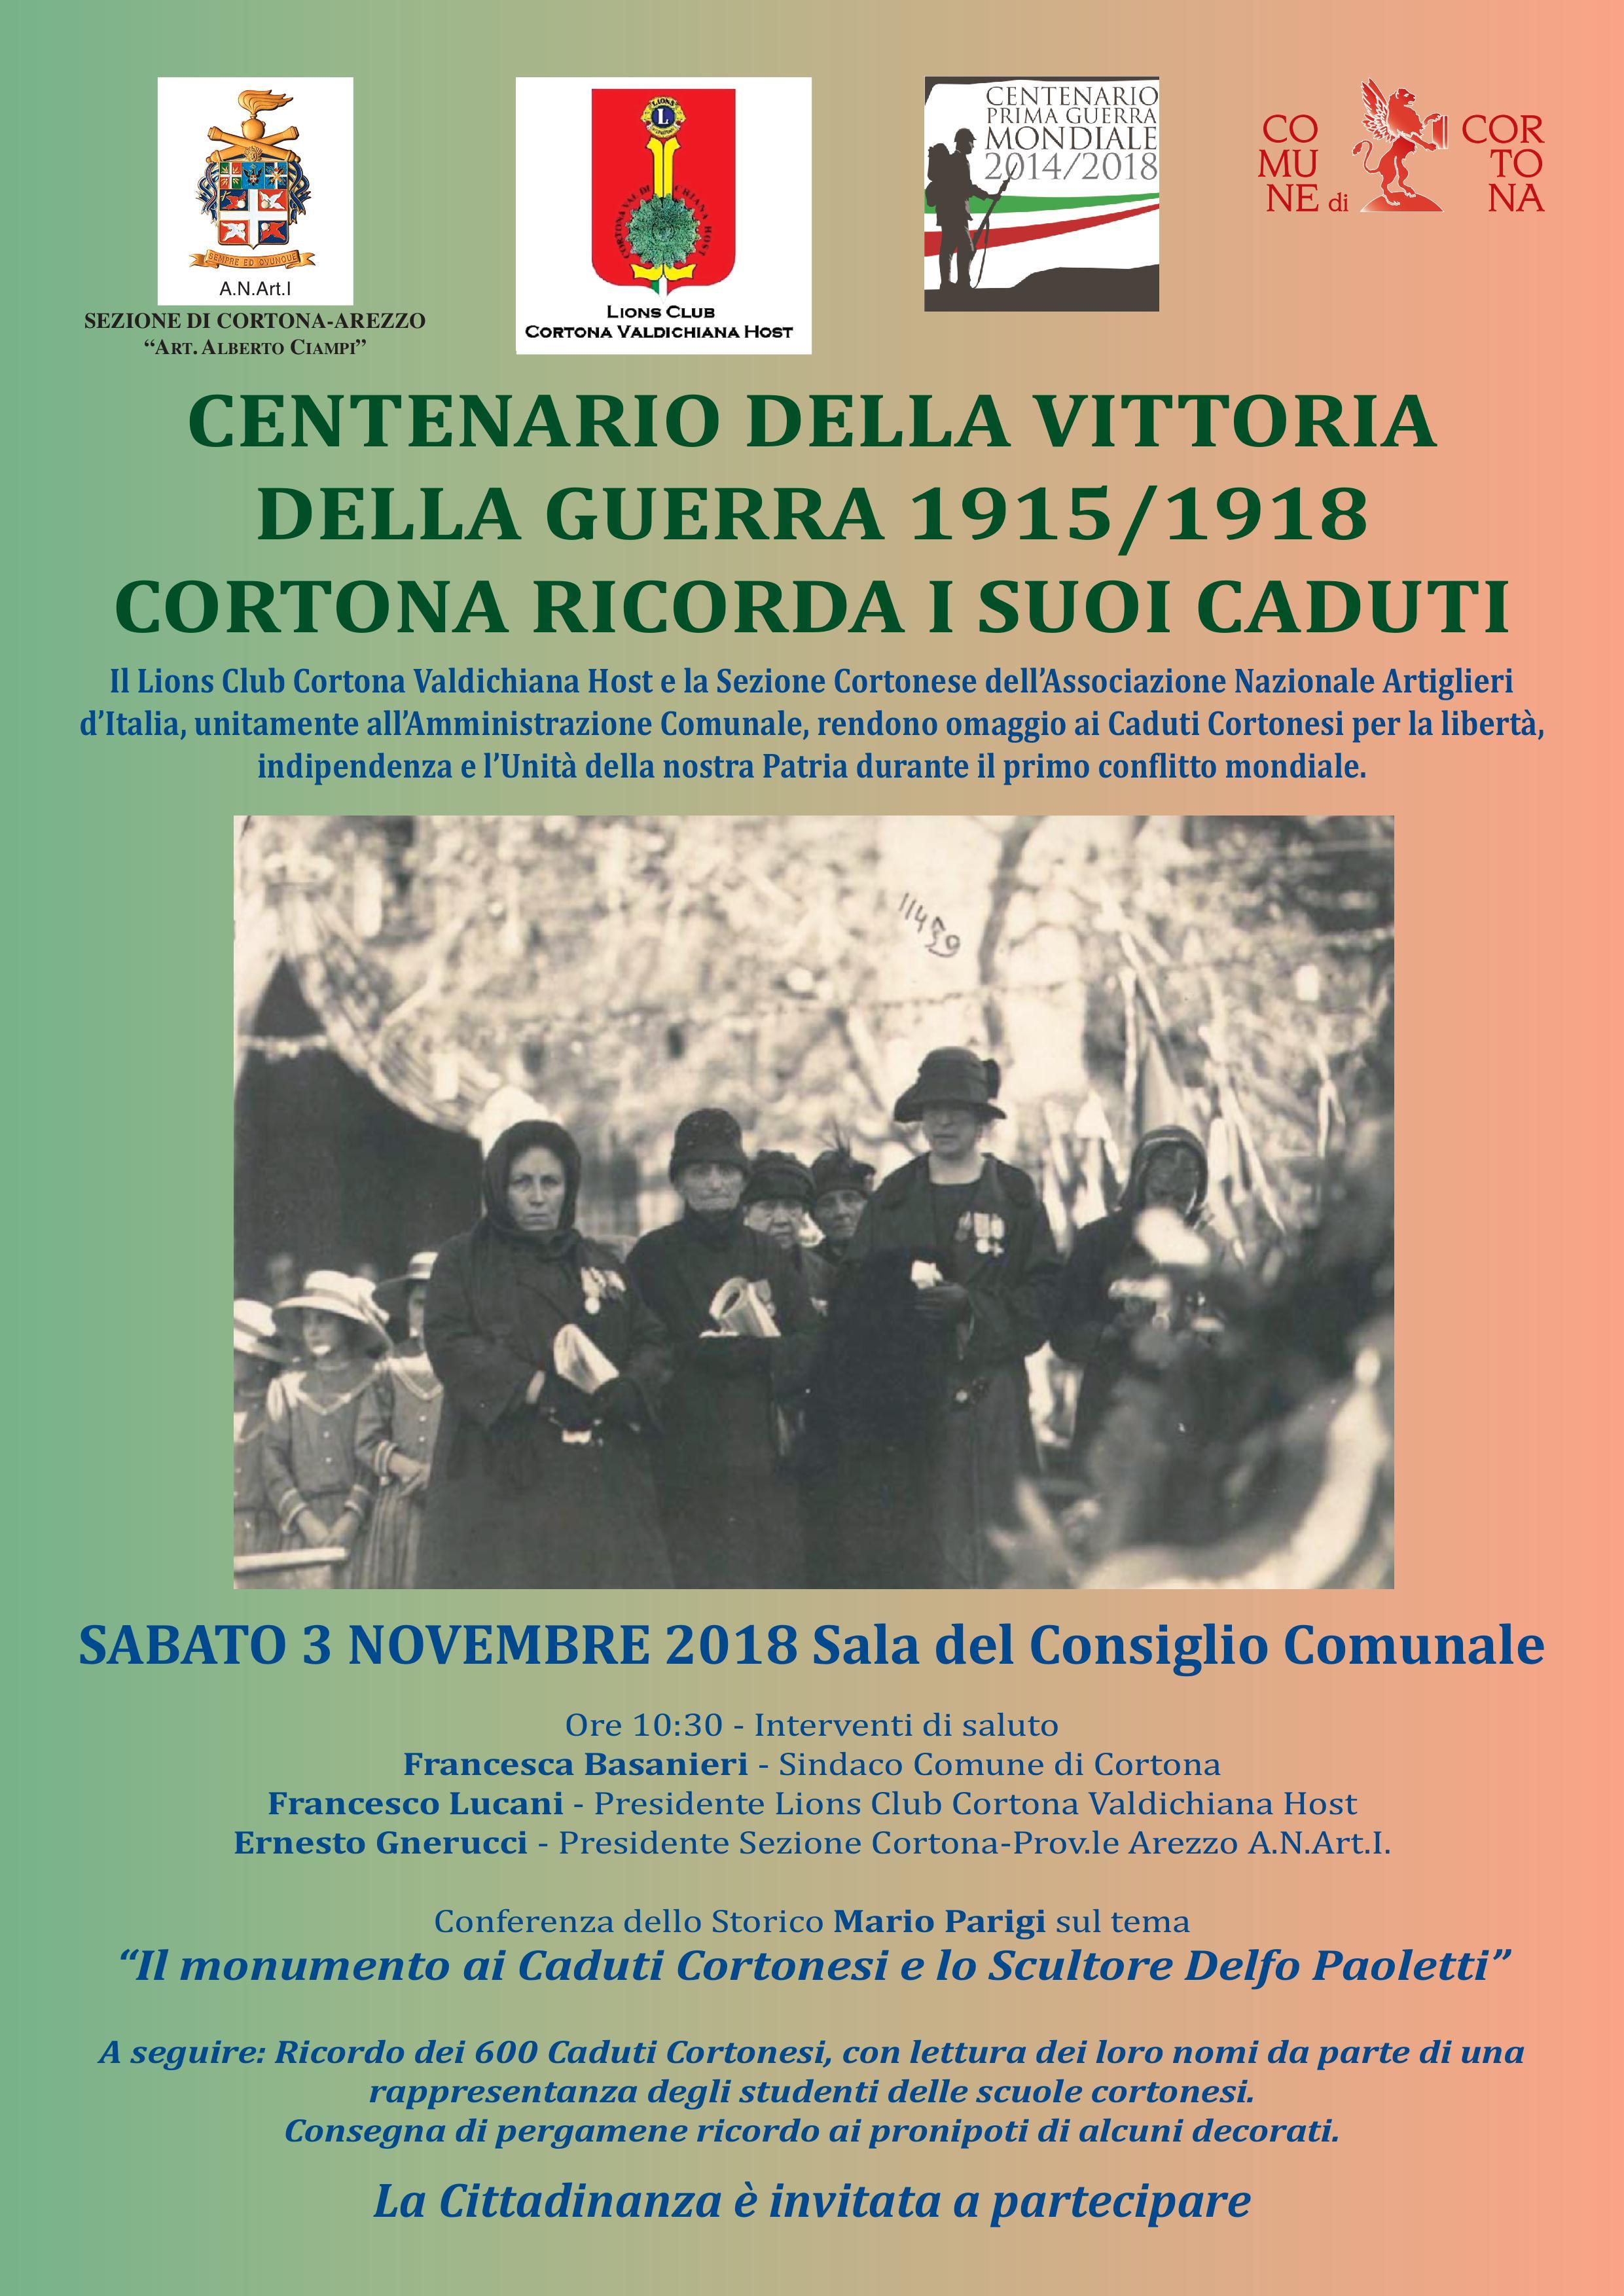 Cortona ricorda i suoi caduti nel Centenario della Vittoria nella Grande Guerra